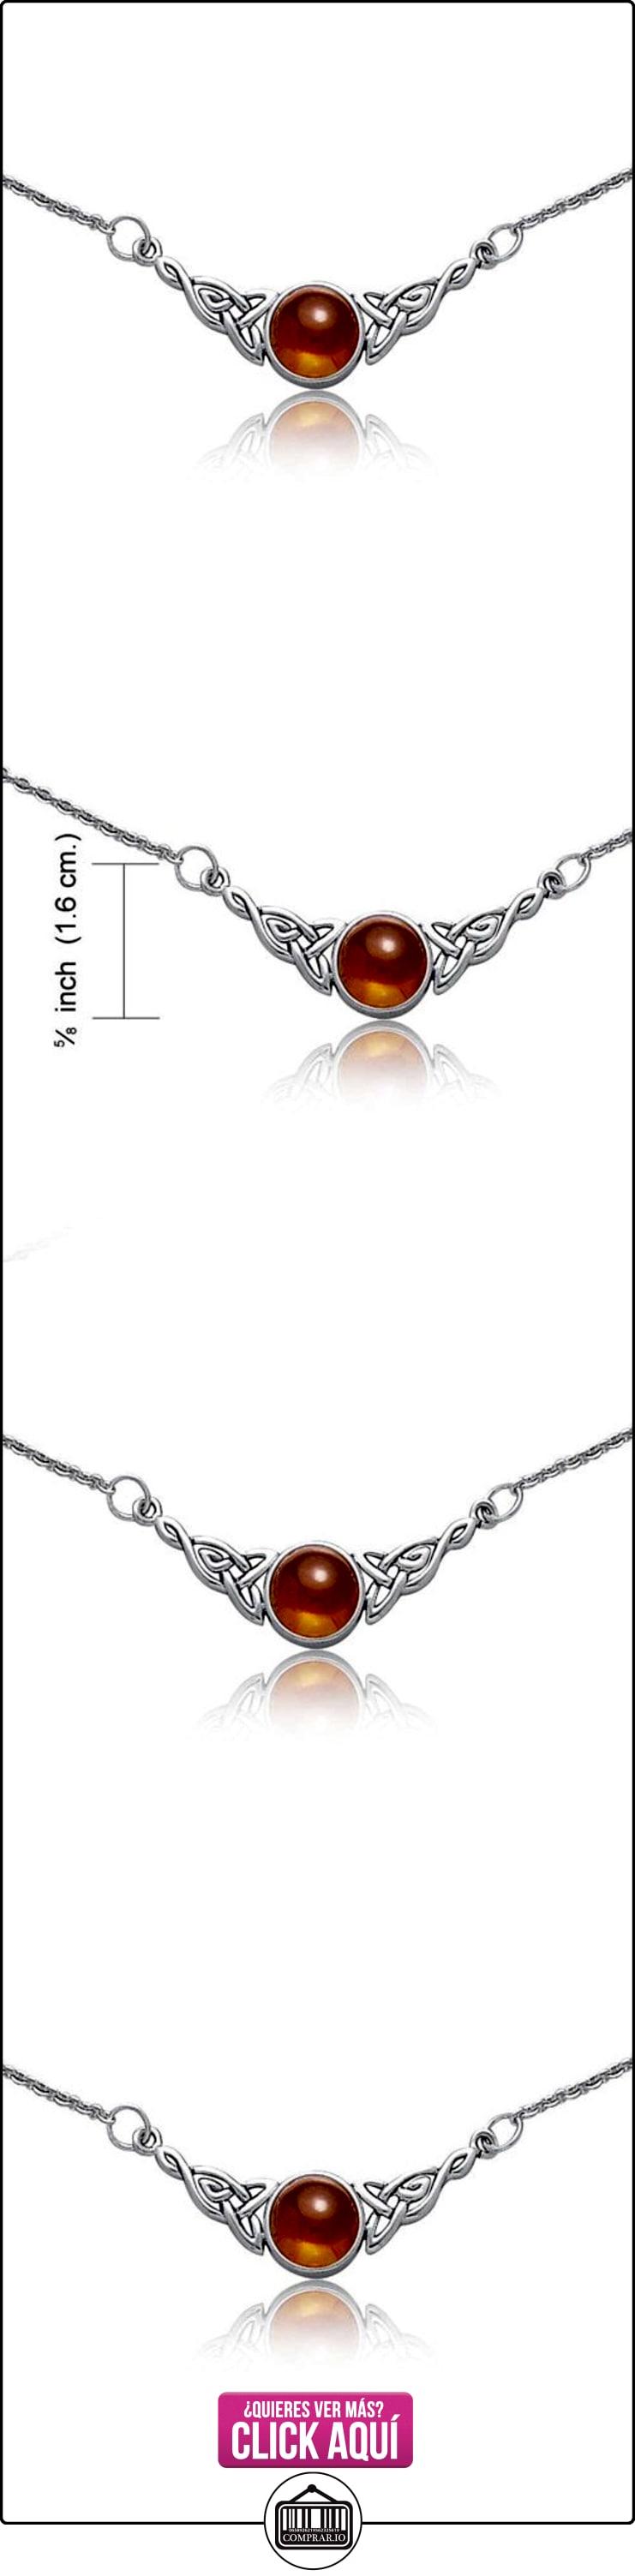 Bling Jewelry Nudo Celta Triquetra Plata Esterlina Colgante Ámbar Natural Collar 18 en  ✿ Joyas para niñas - Regalos ✿ ▬► Ver oferta: https://comprar.io/goto/B005P0P1PY